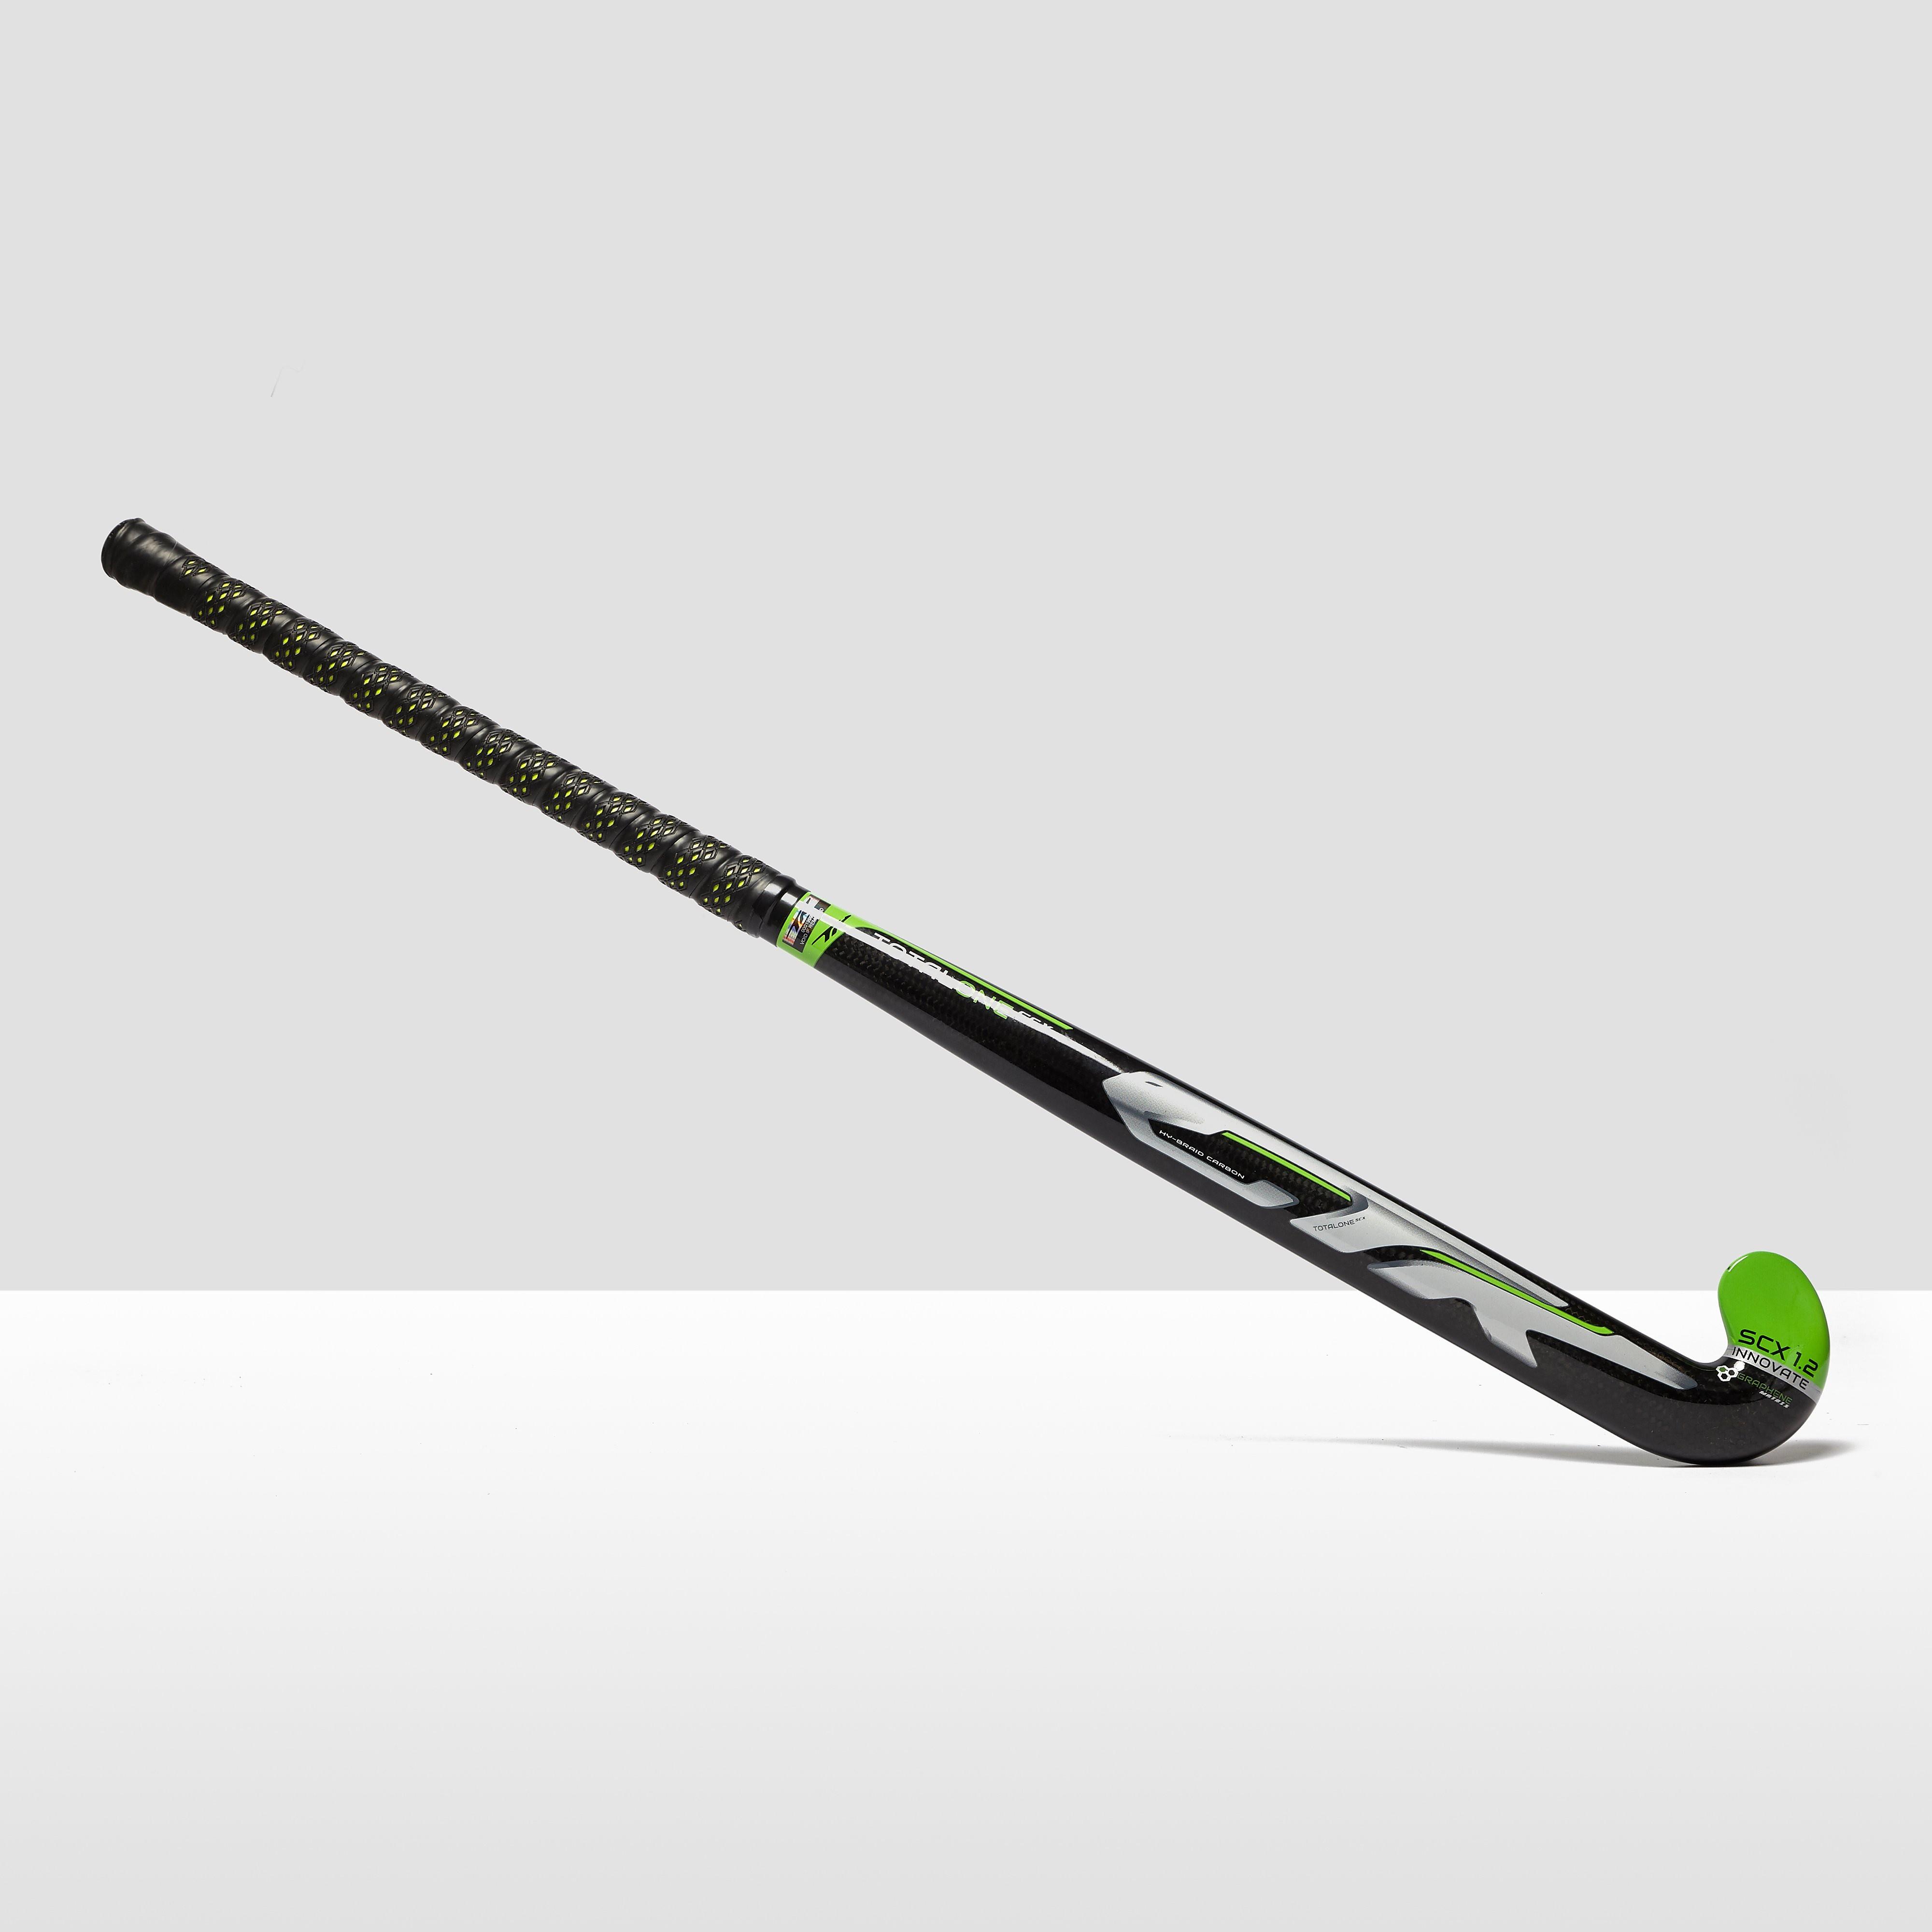 TK Hockey One Scx 1.2 Innovate Hockey Stick